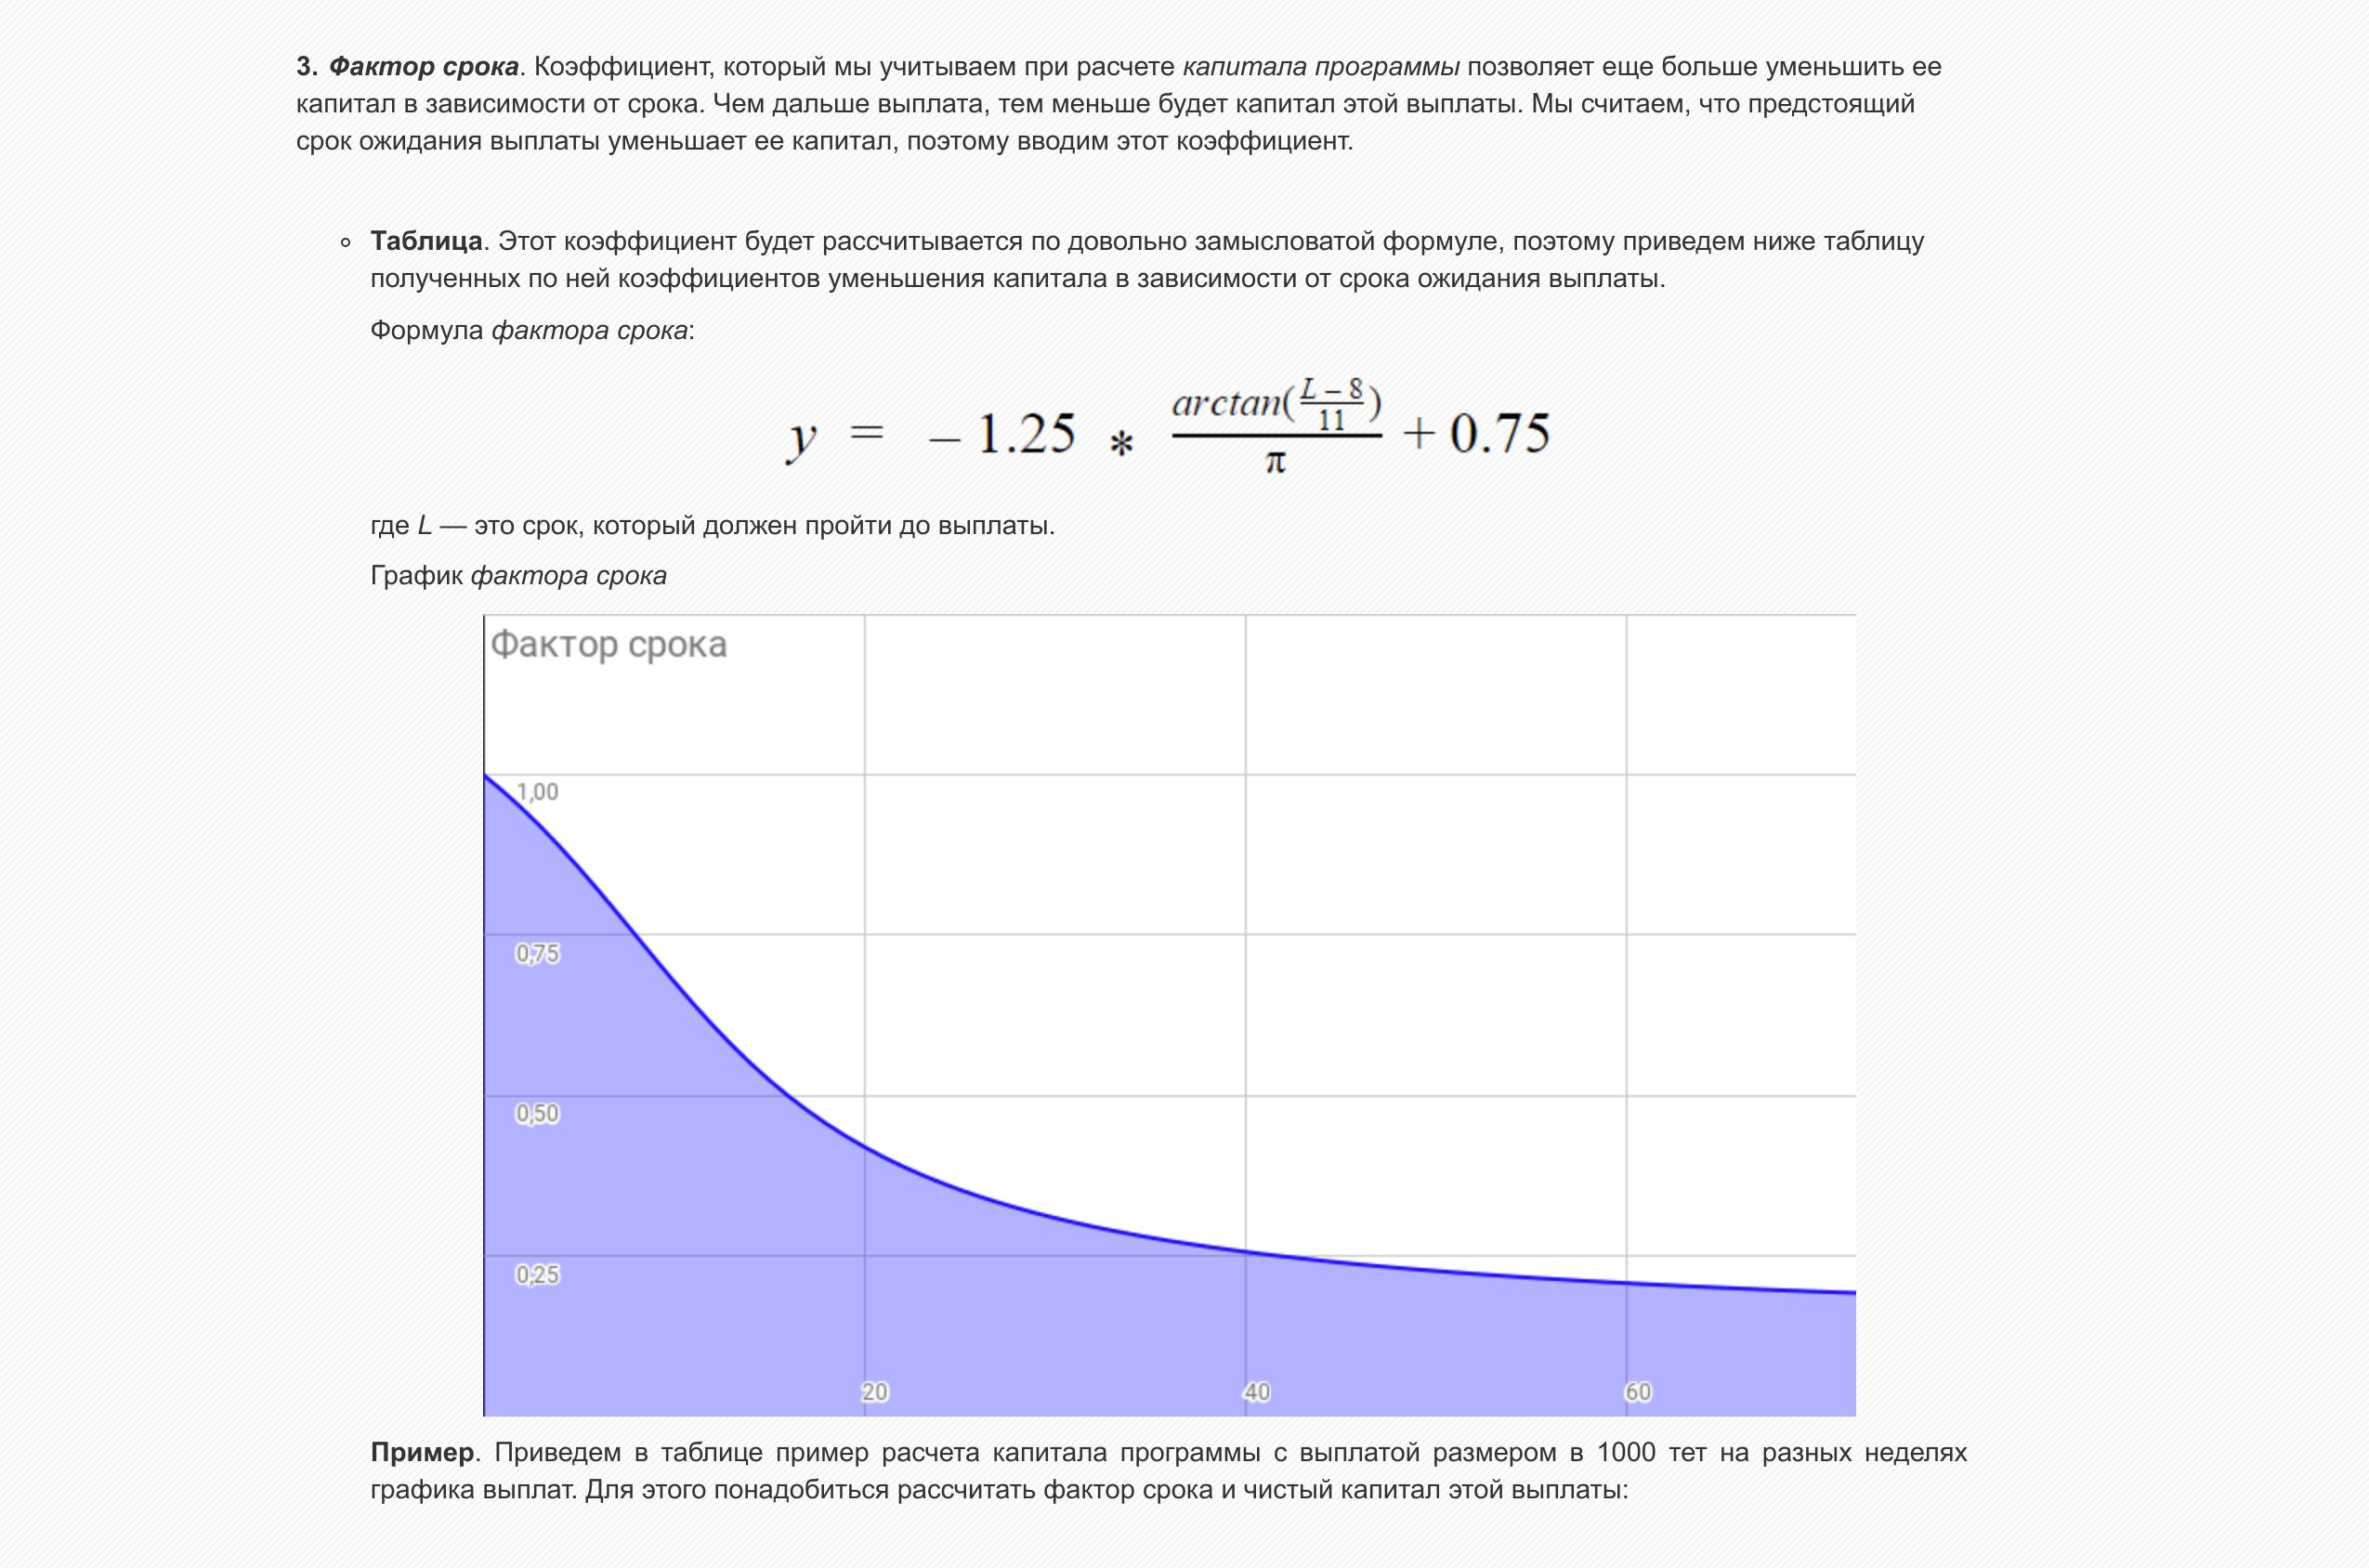 А по этой формуле считают переменную «фактор срока» индикатора «капитал». В тексте я не нашел ее расшифровки — лишь сказано, что она «довольно замысловатая»